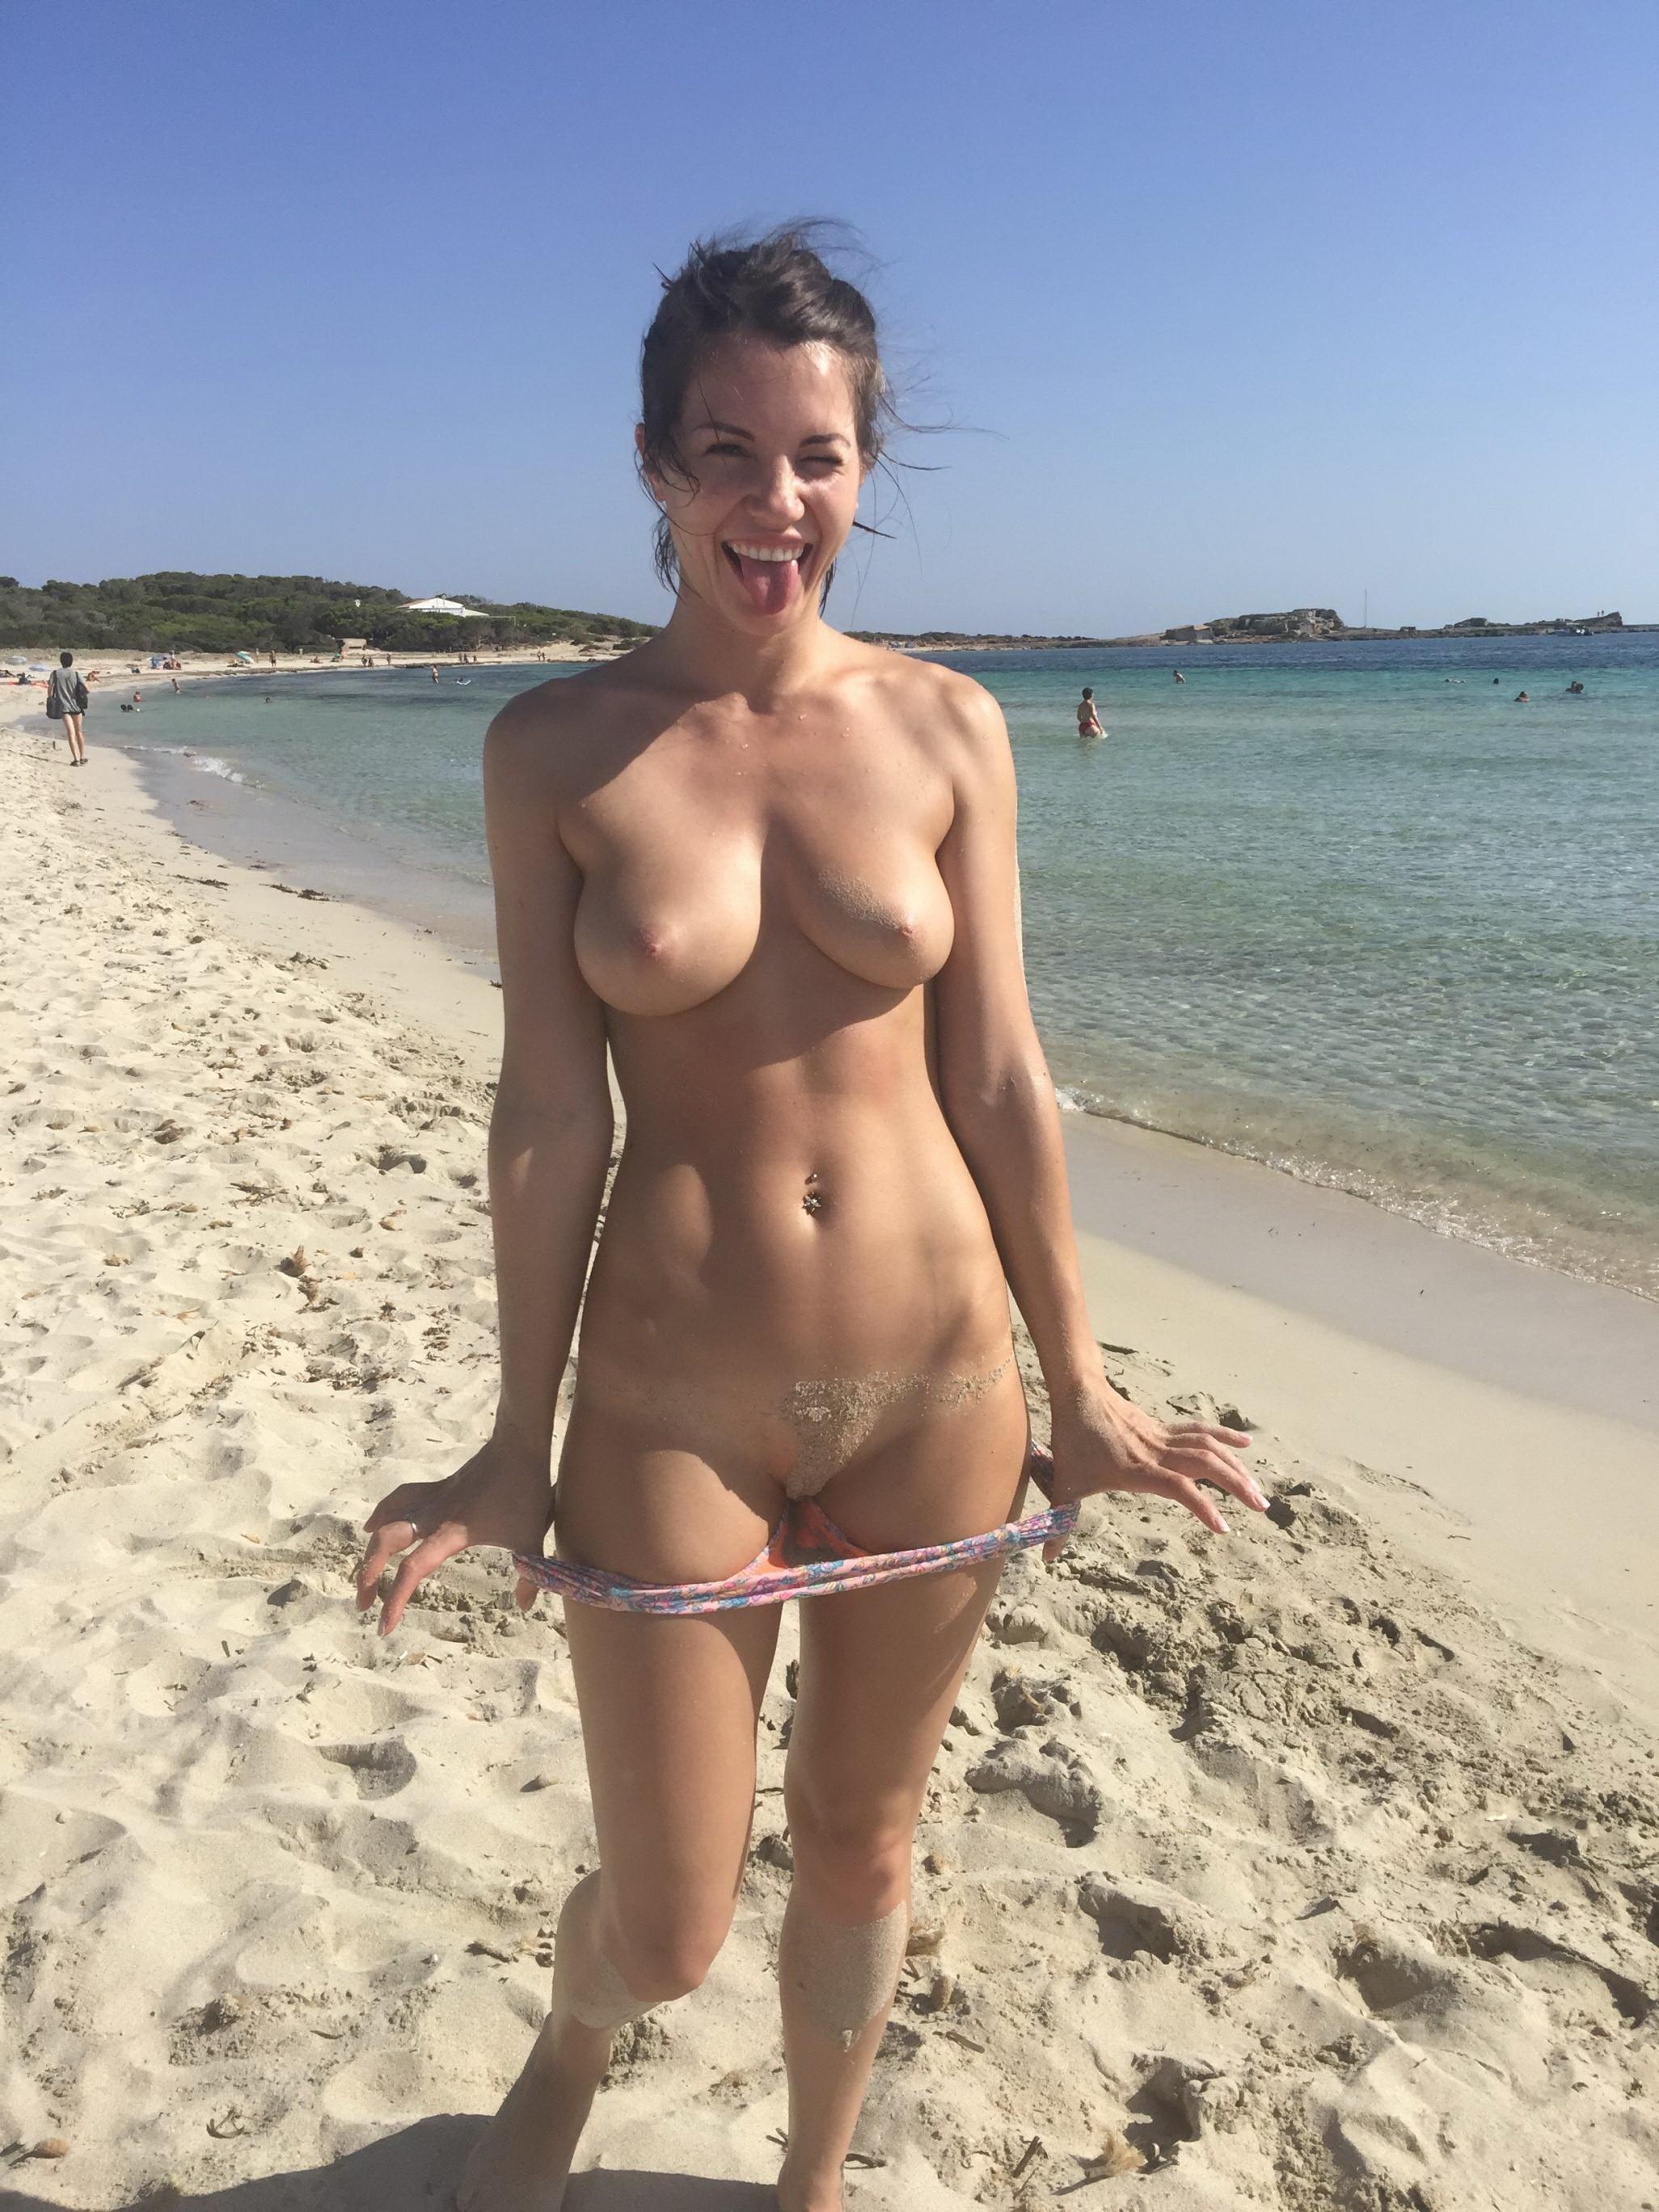 Подборка взрослых женщин голышом дома 11 фото